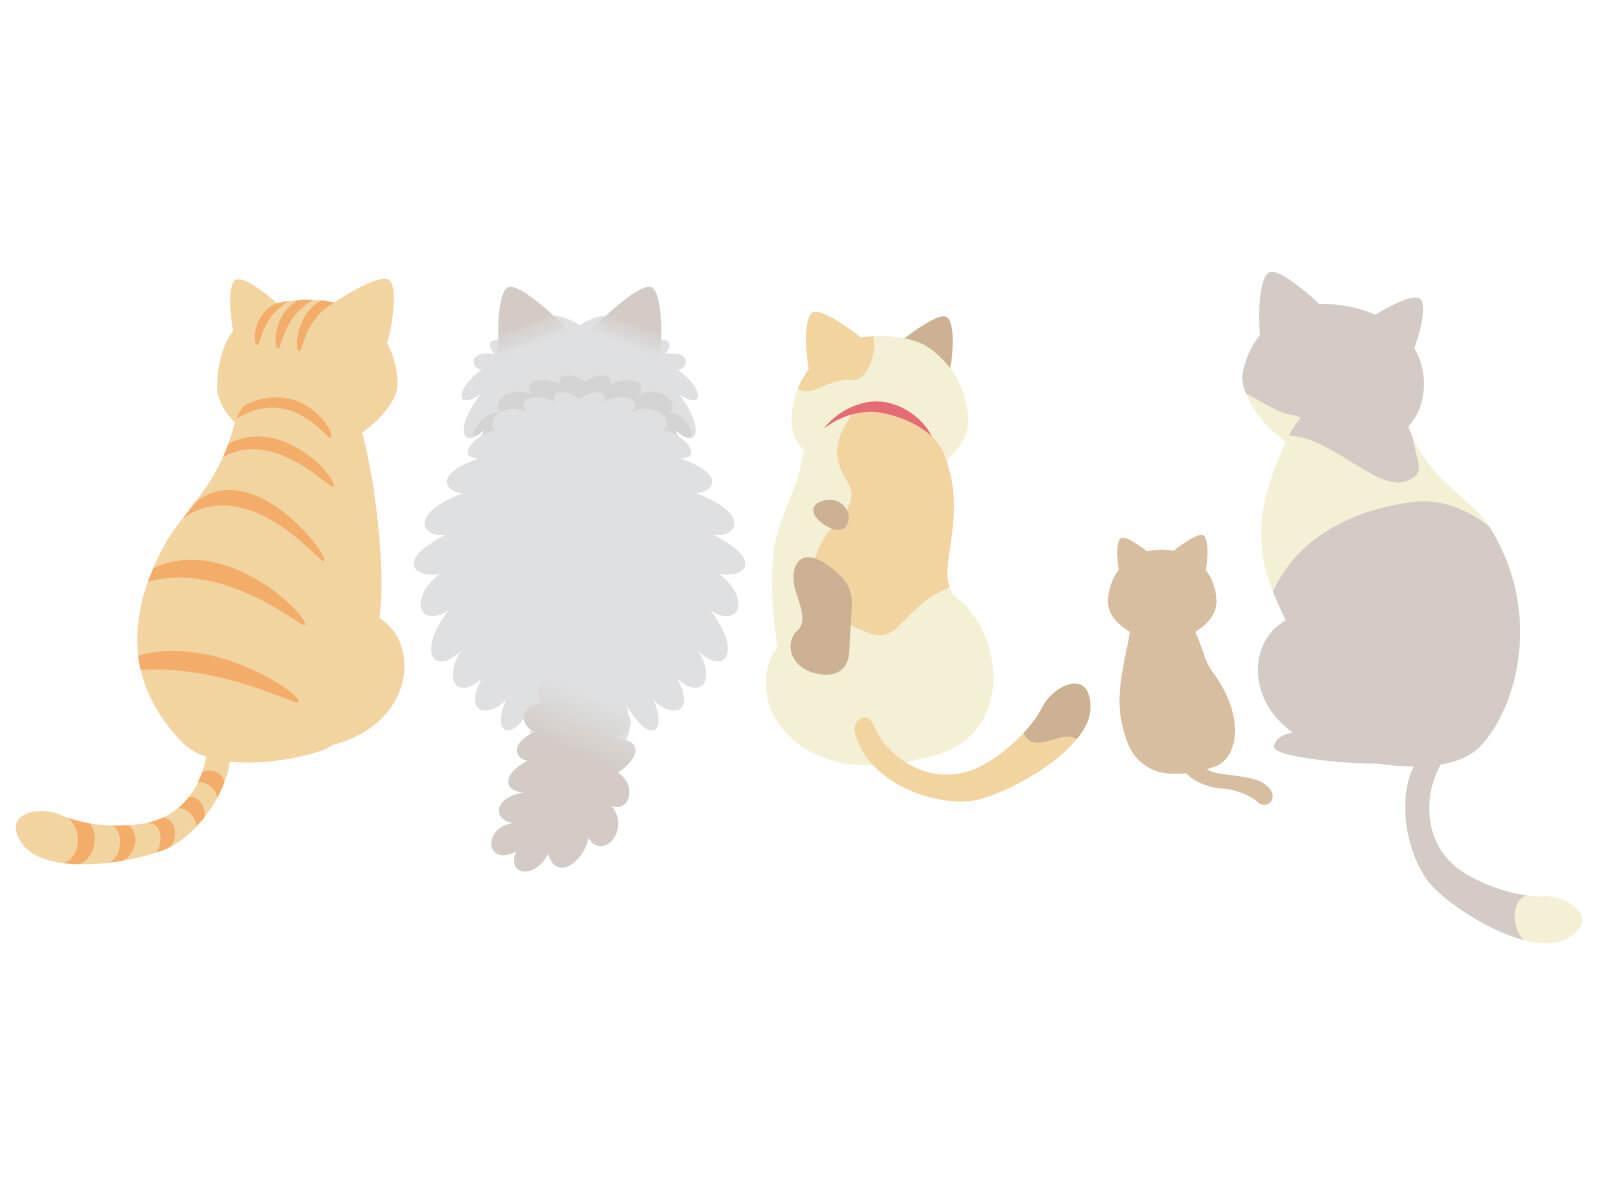 カルカンのcmの子猫の種類や女優は?歌詞もかわいい!